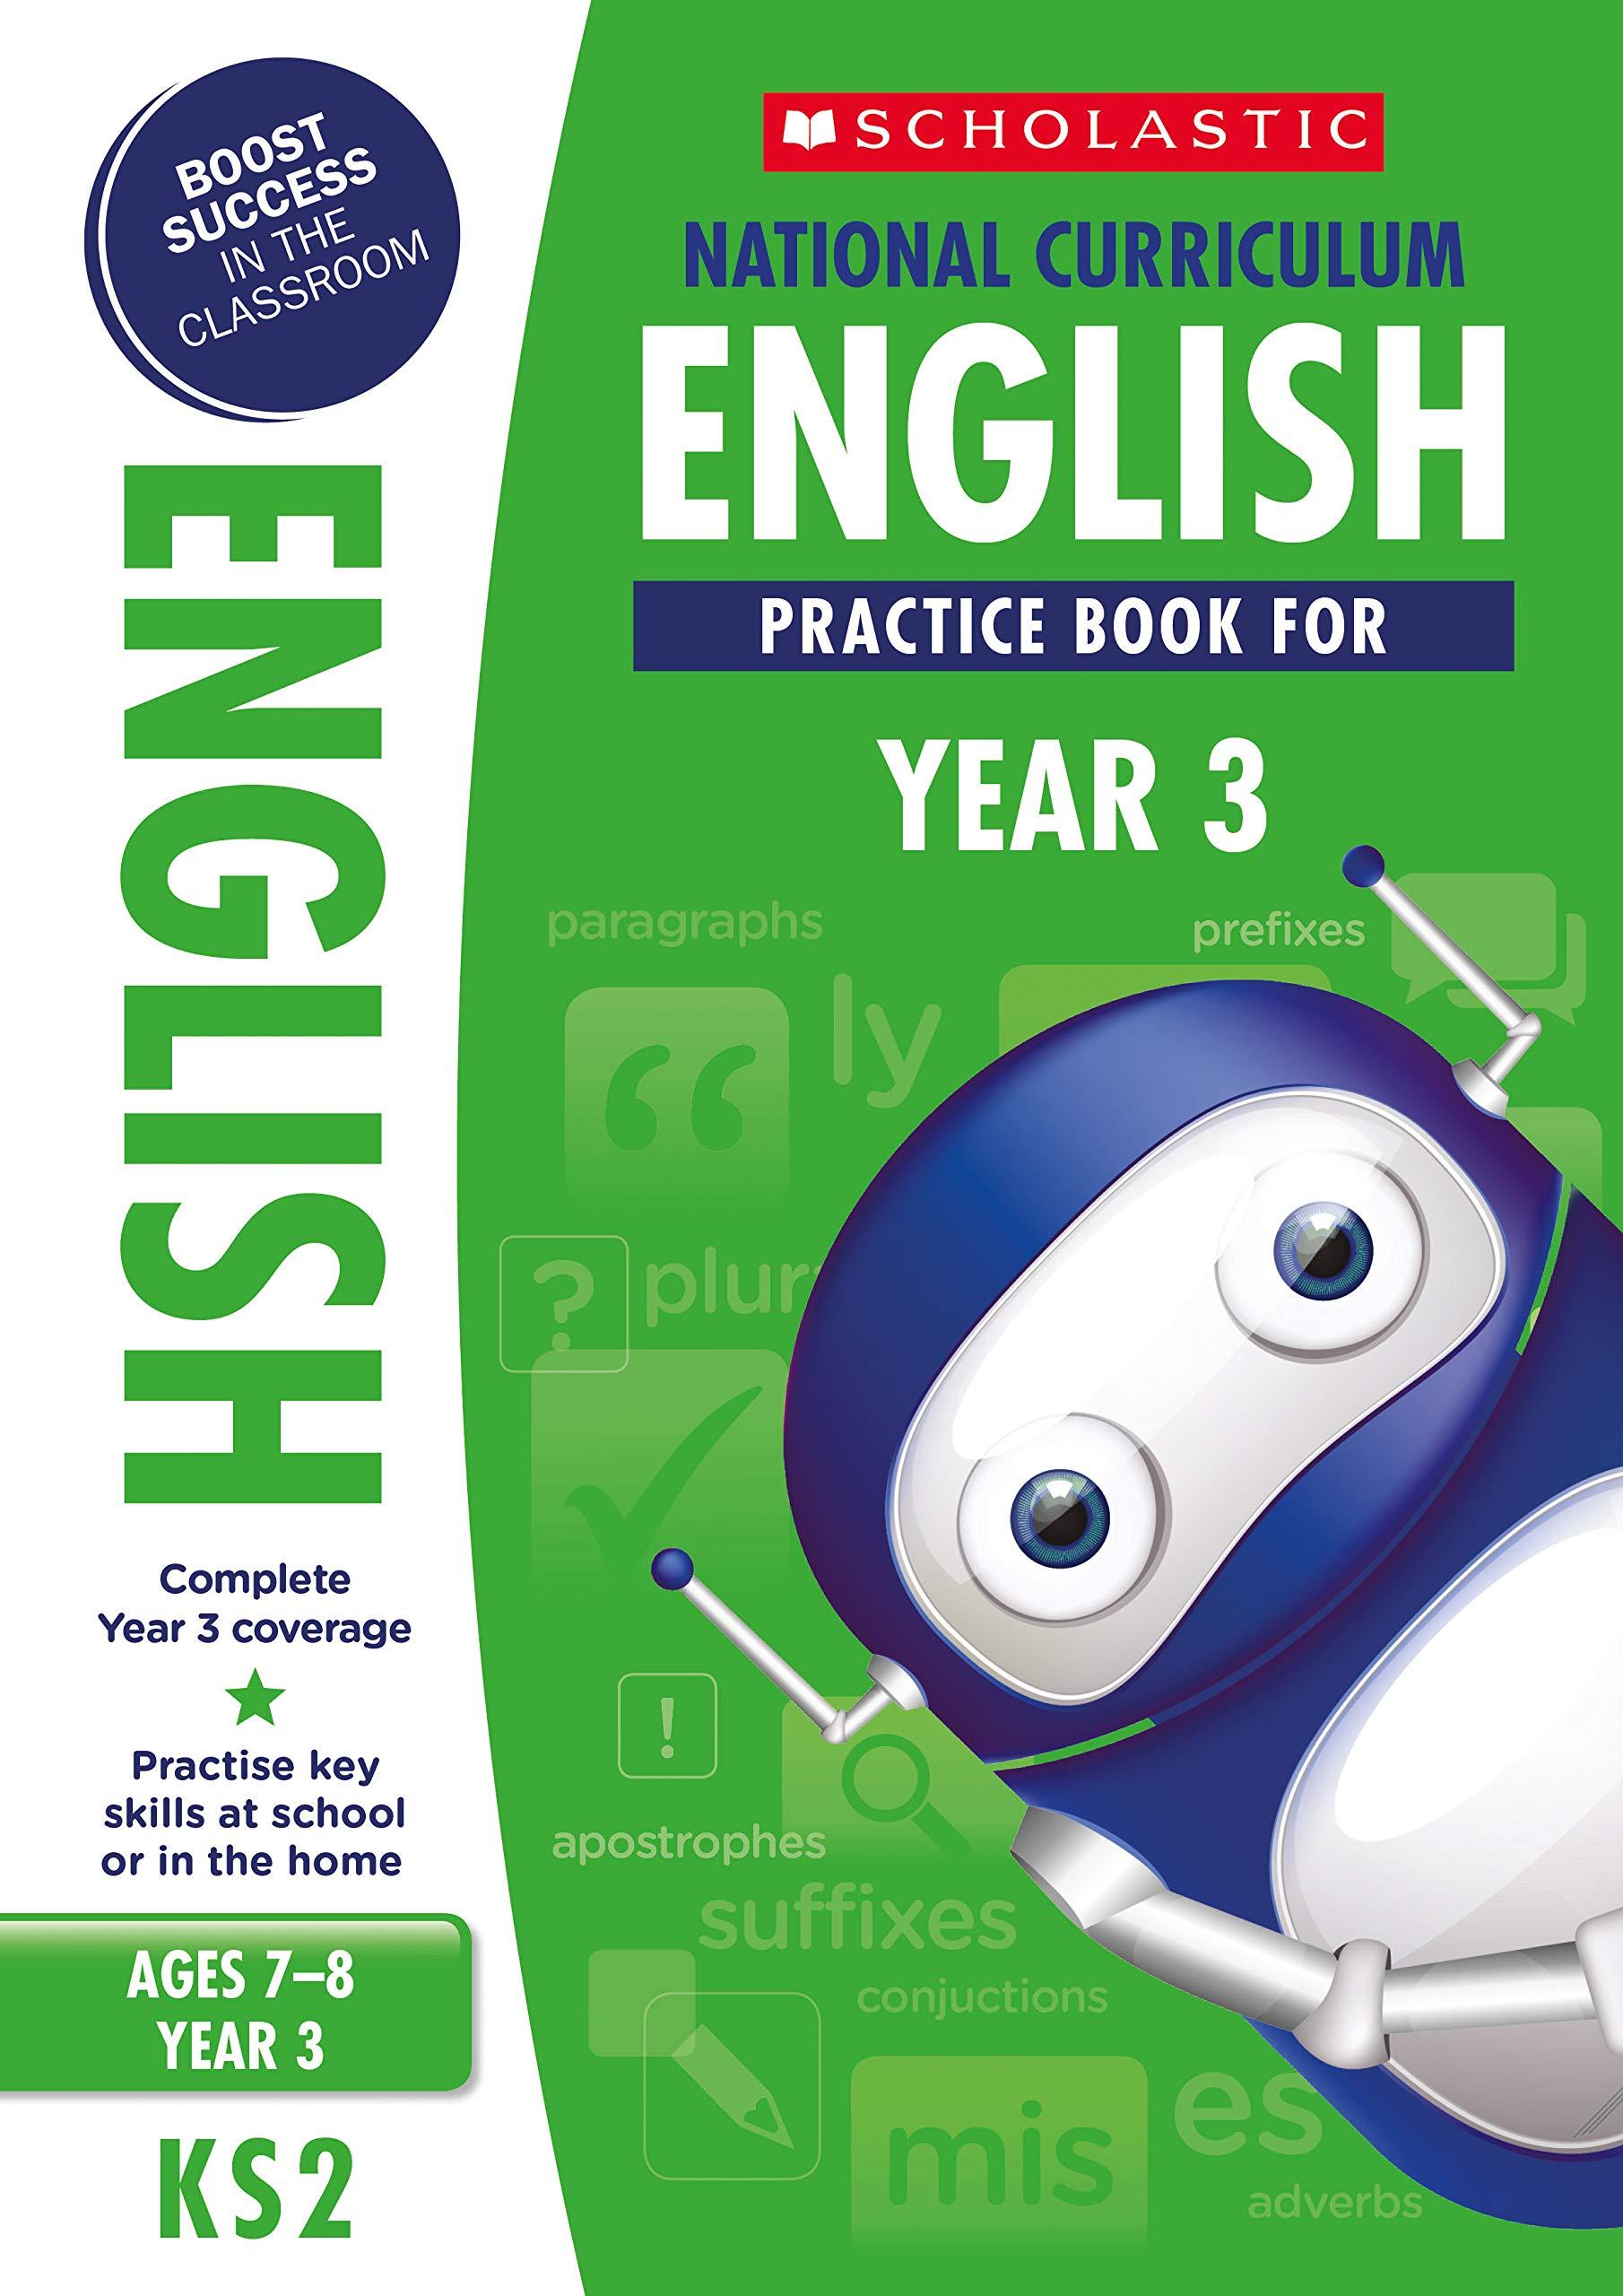 National Curriculum English Practice Book - Year 3 (100 Practice Activities)  Paperback – 26 Jun 2014